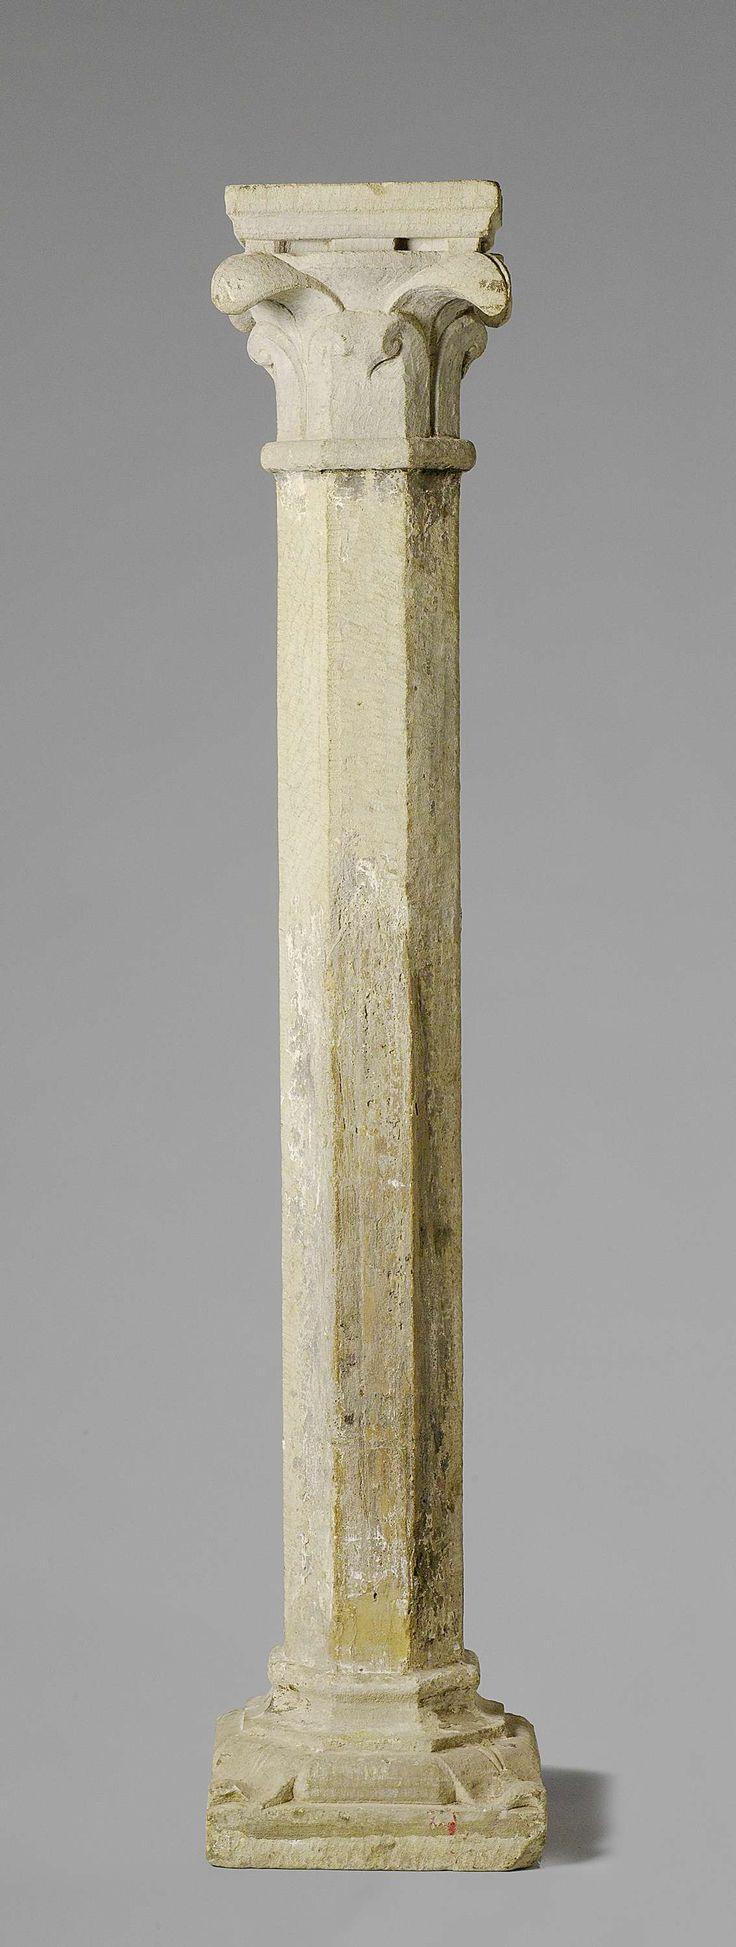 anoniem | Stenen zuil, afkomstig uit collectie Lanz., c. 1250 | Een zuil van zandsteen met achtkantige schacht. Een achtkantig holkeelprofiel leidt over naar de vierkante basis, waartussen nog een achtkantig kussen met hoekbladeren. Het achtkantig kapiteel heeft twee rijen van vier krullende bladeren en gaat vervolgens over in een vierkante dekplaat. Overgang van romaans naar gotisch. Bij de zuil horen drie gelijke zuilen (BK-15334-A, BK-15334-B en BK-15334-D).